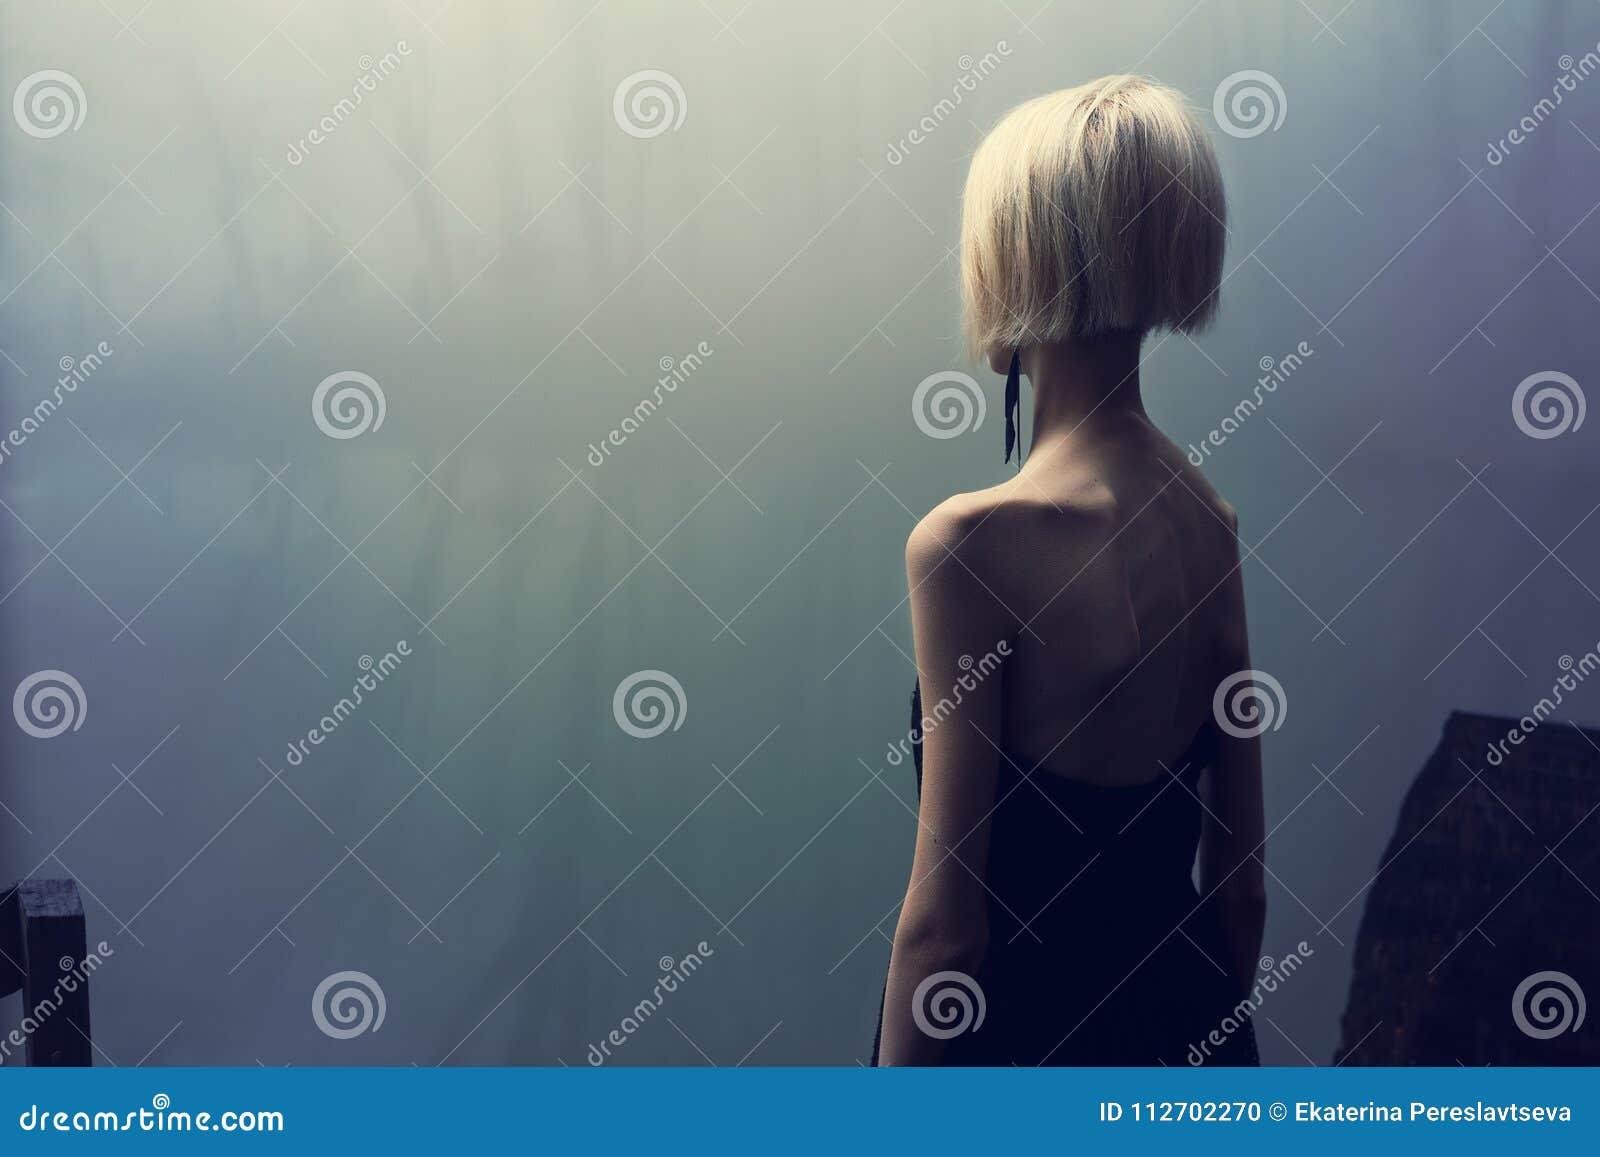 Fotoperiod vid sjön på en dimmig dag i skogen, mager flicka i svart klänning